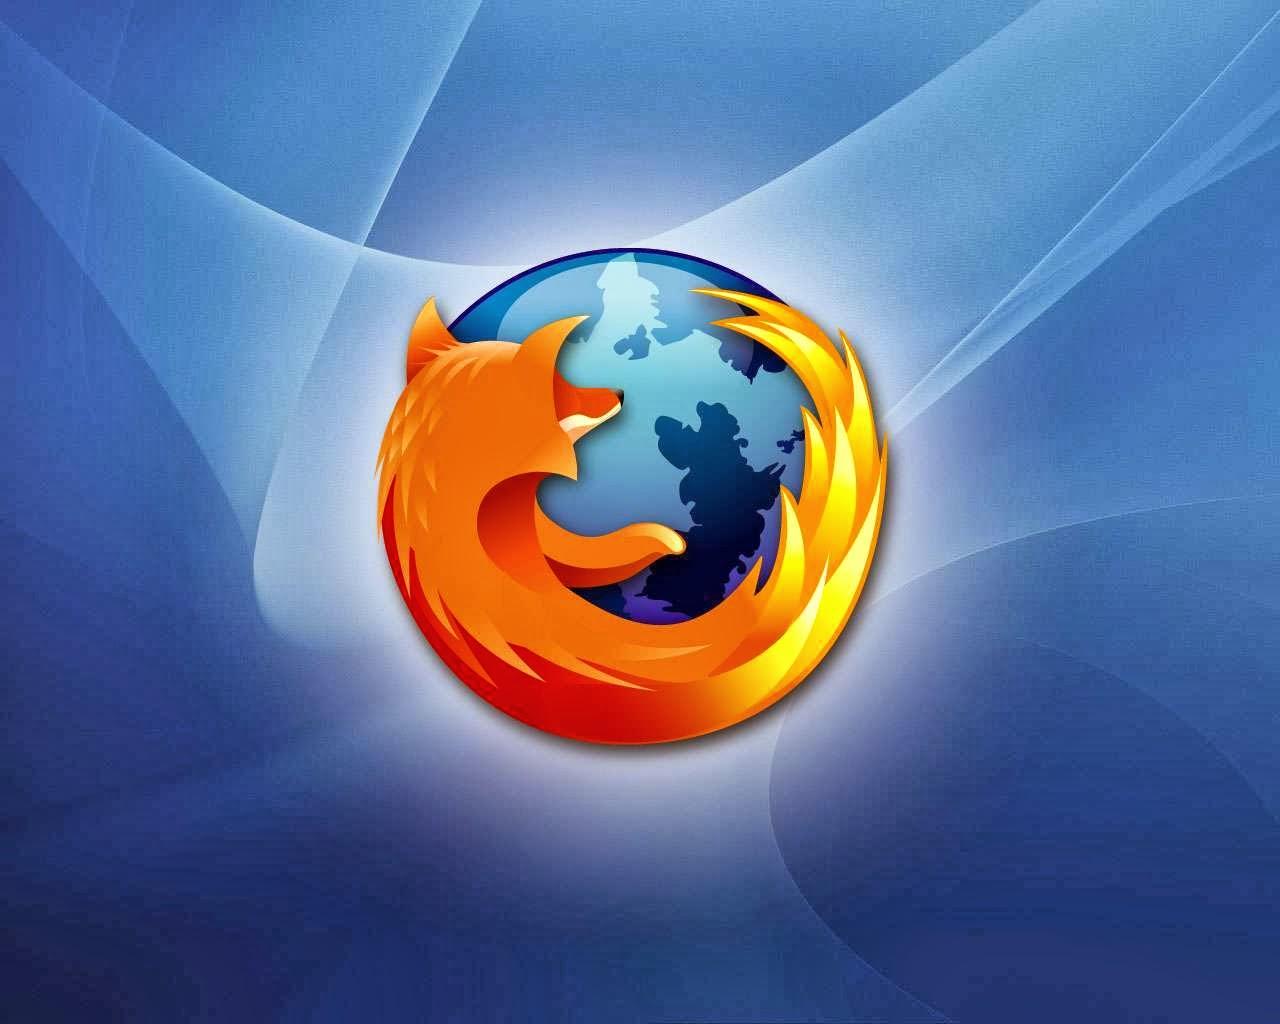 متصفح فايرفوكس عربي ويندوز 7